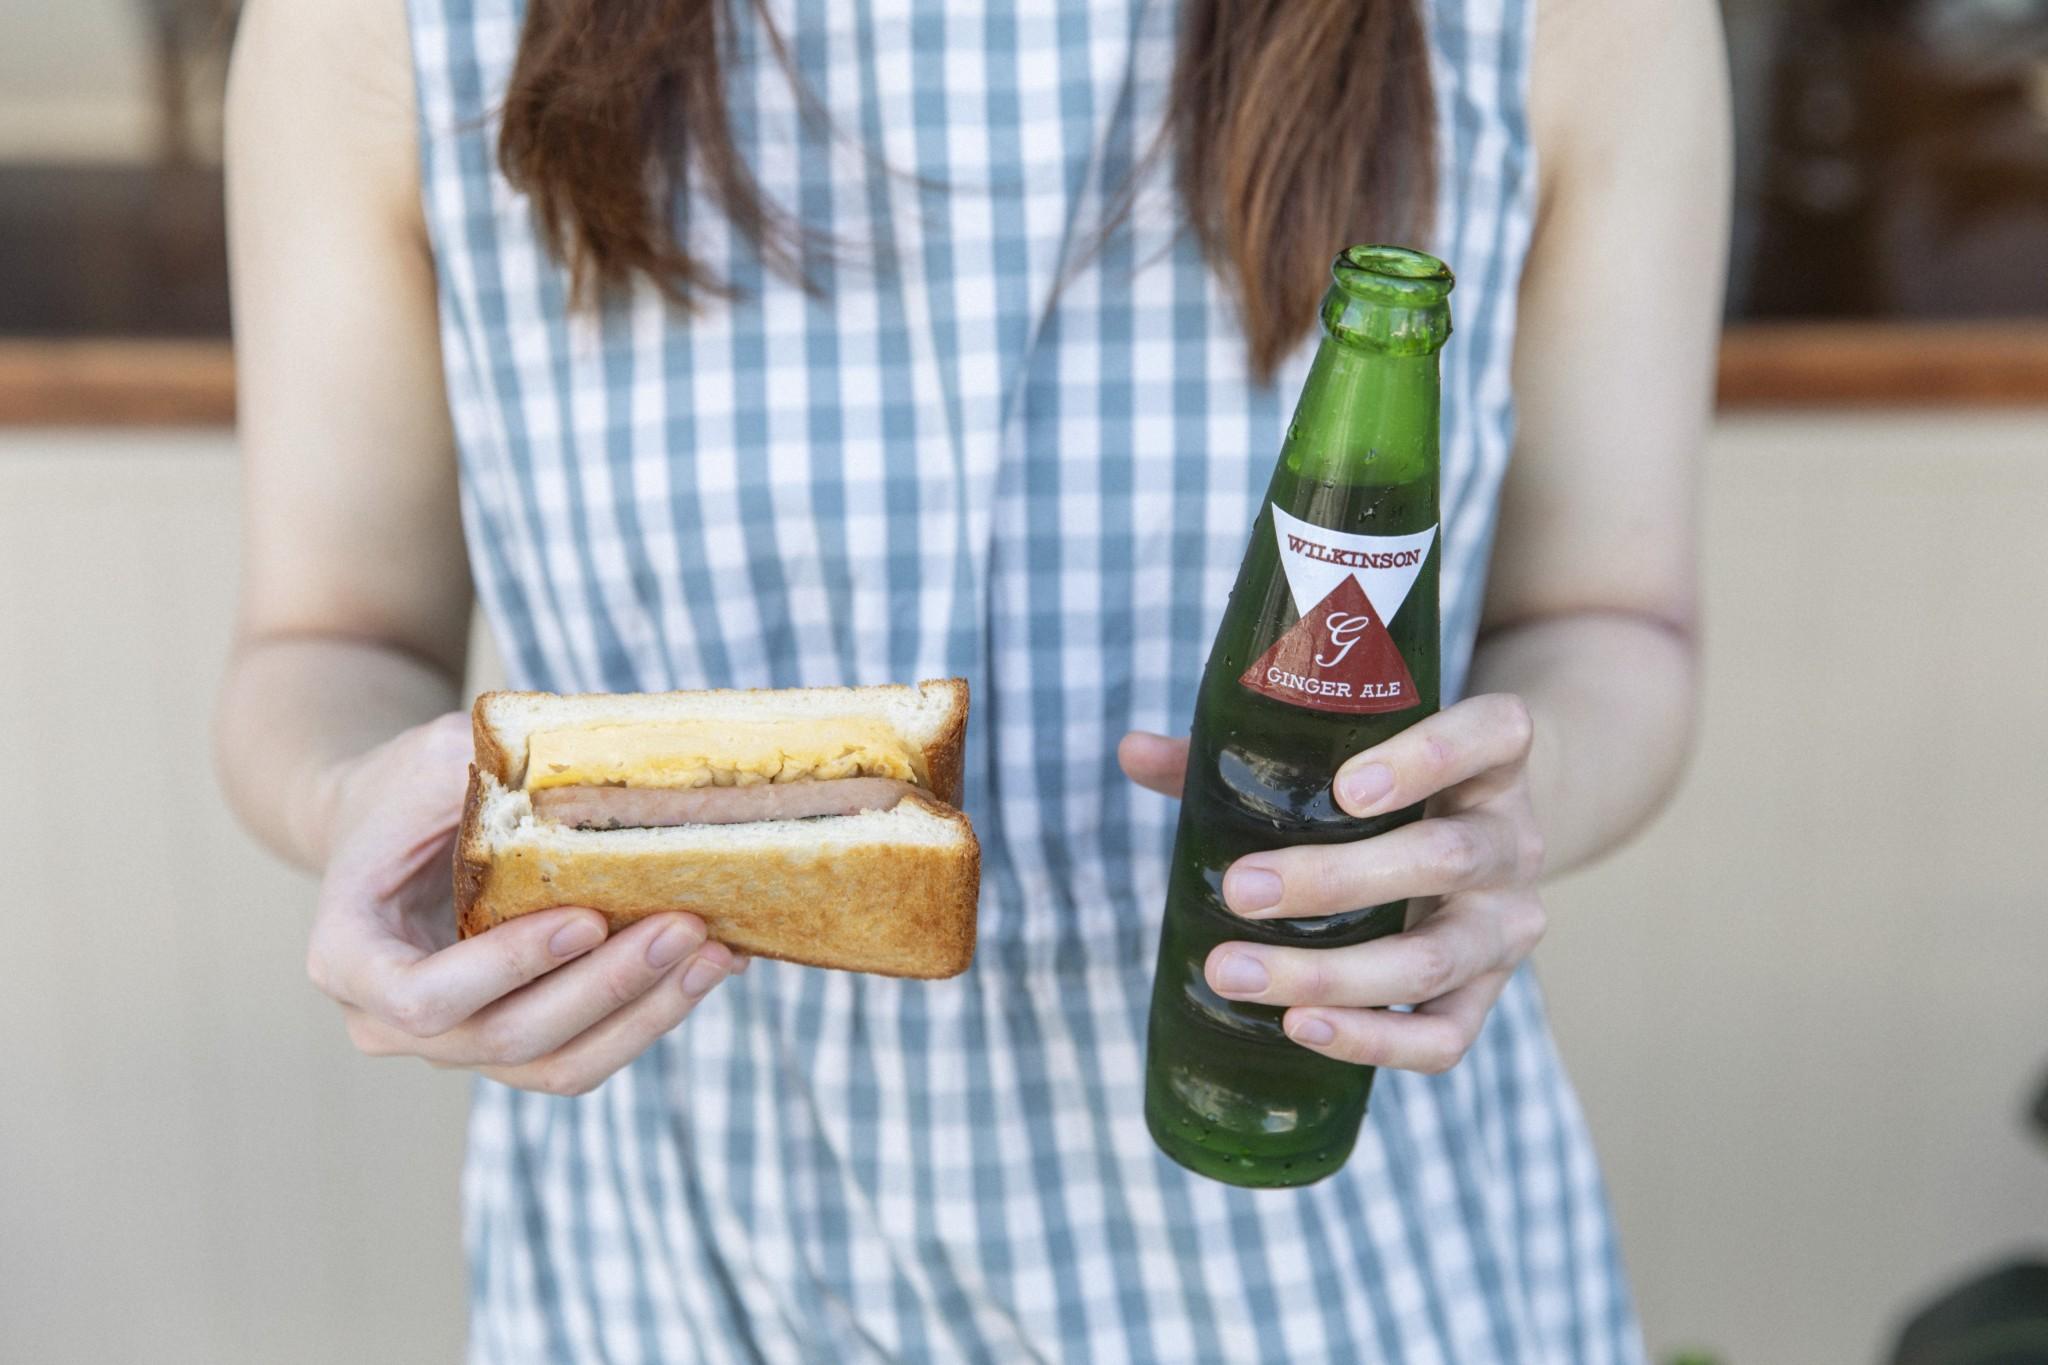 【鎌倉】ハワイのパンが勢揃い〈KOMOPAN〉へ。湘南に、南国の風を感じるあたたかなパン屋がオープン。